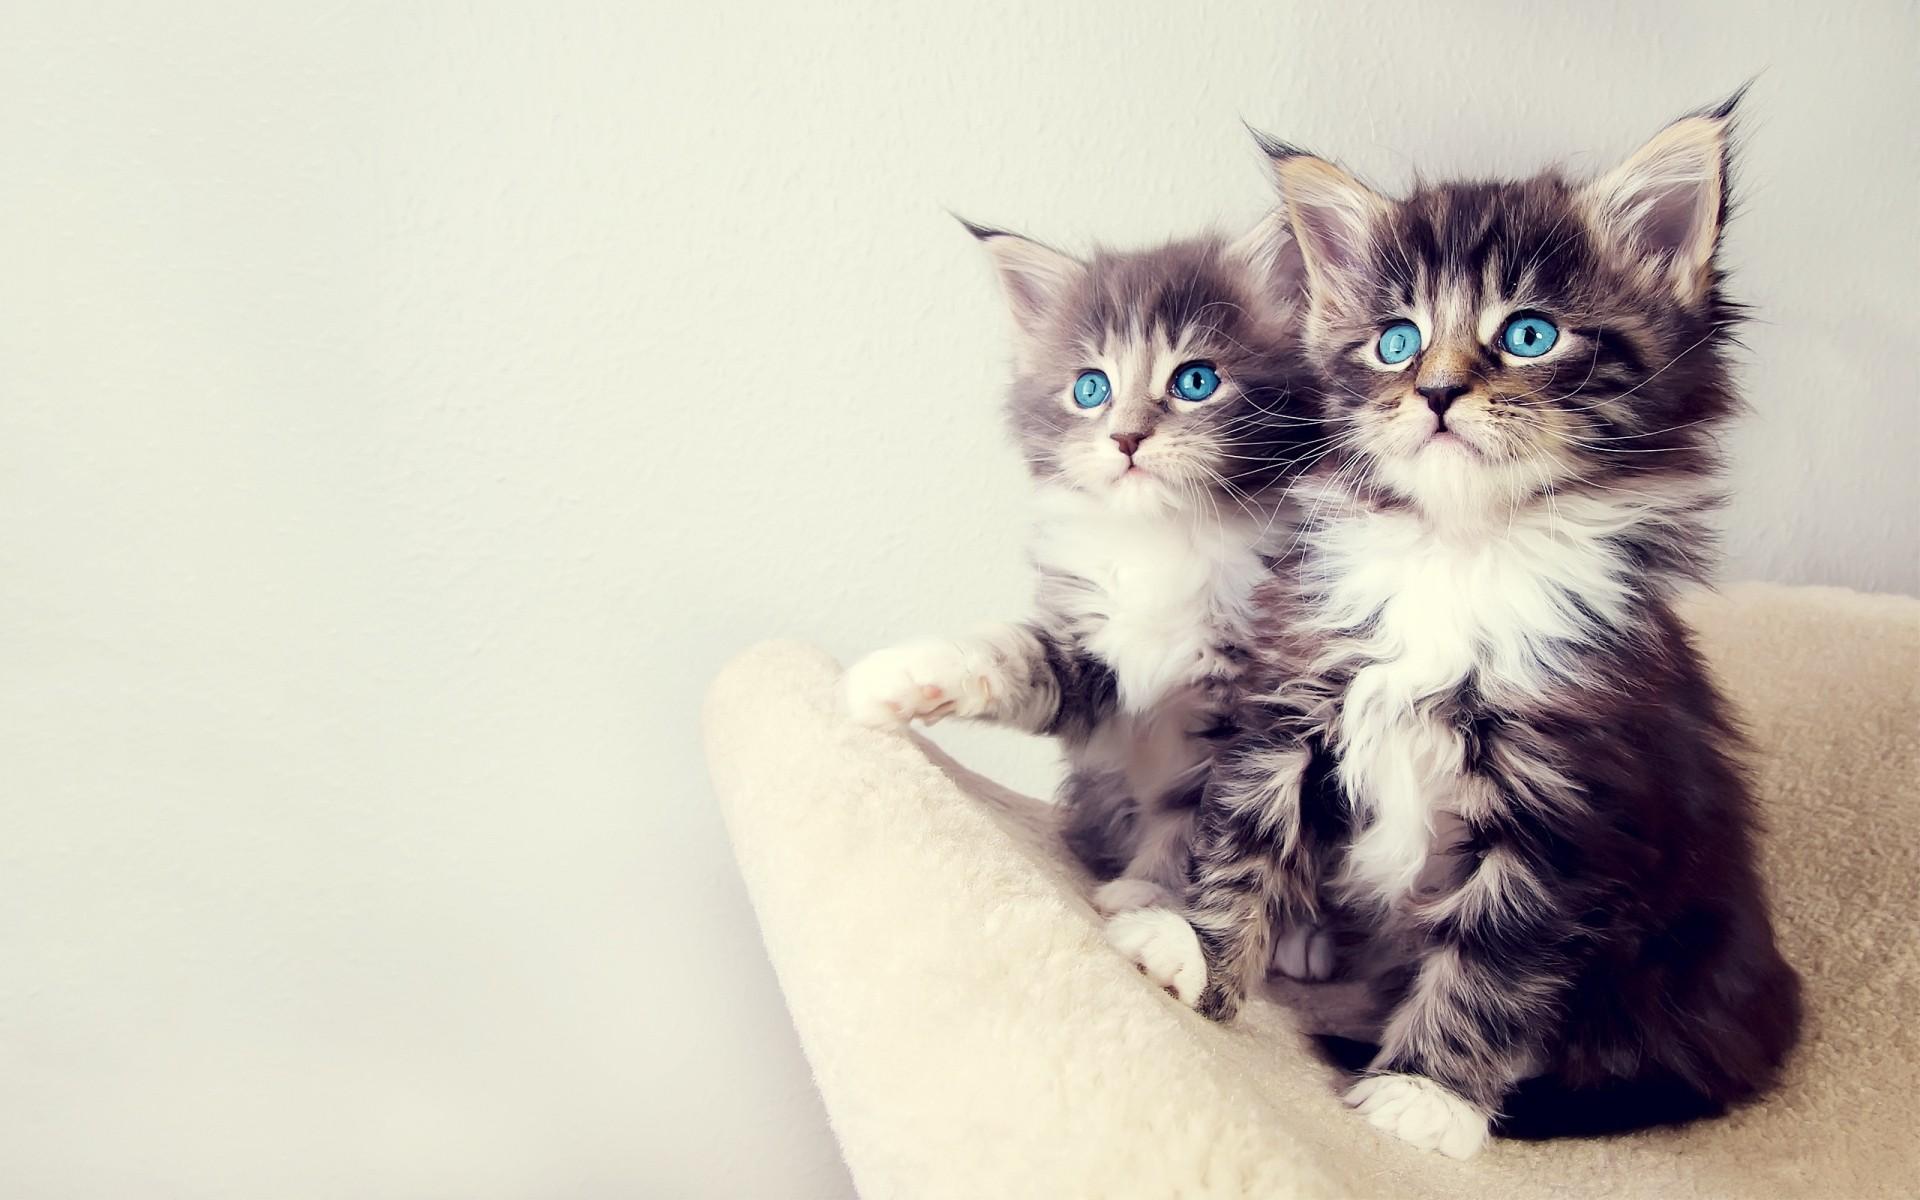 самый доступный картинки на телефон красивые живые обои котята кофта, чулки можно